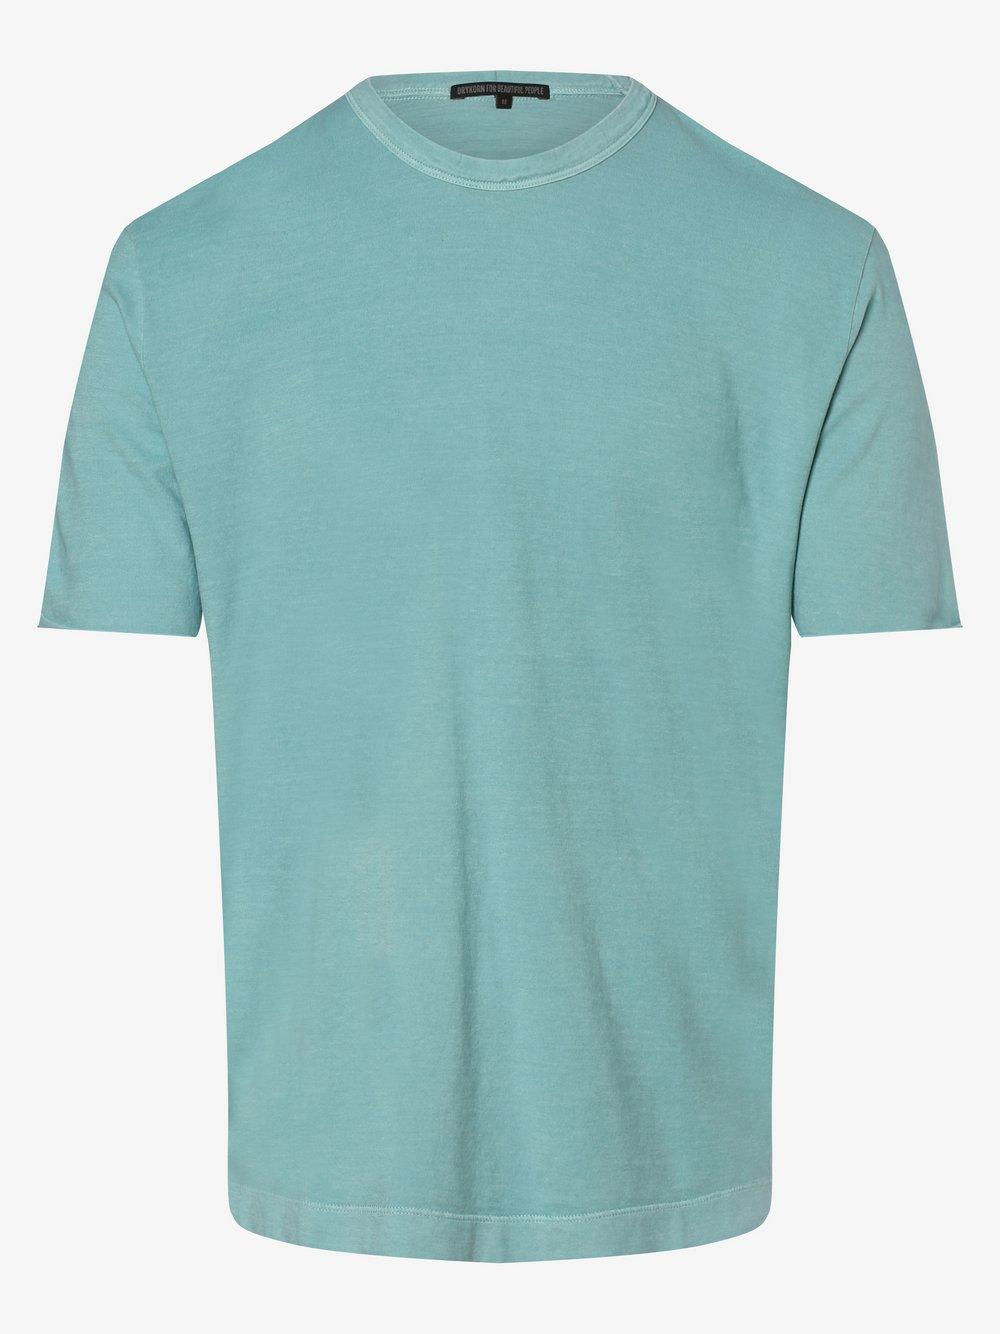 Drykorn - T-shirt męski – Raniel, niebieski